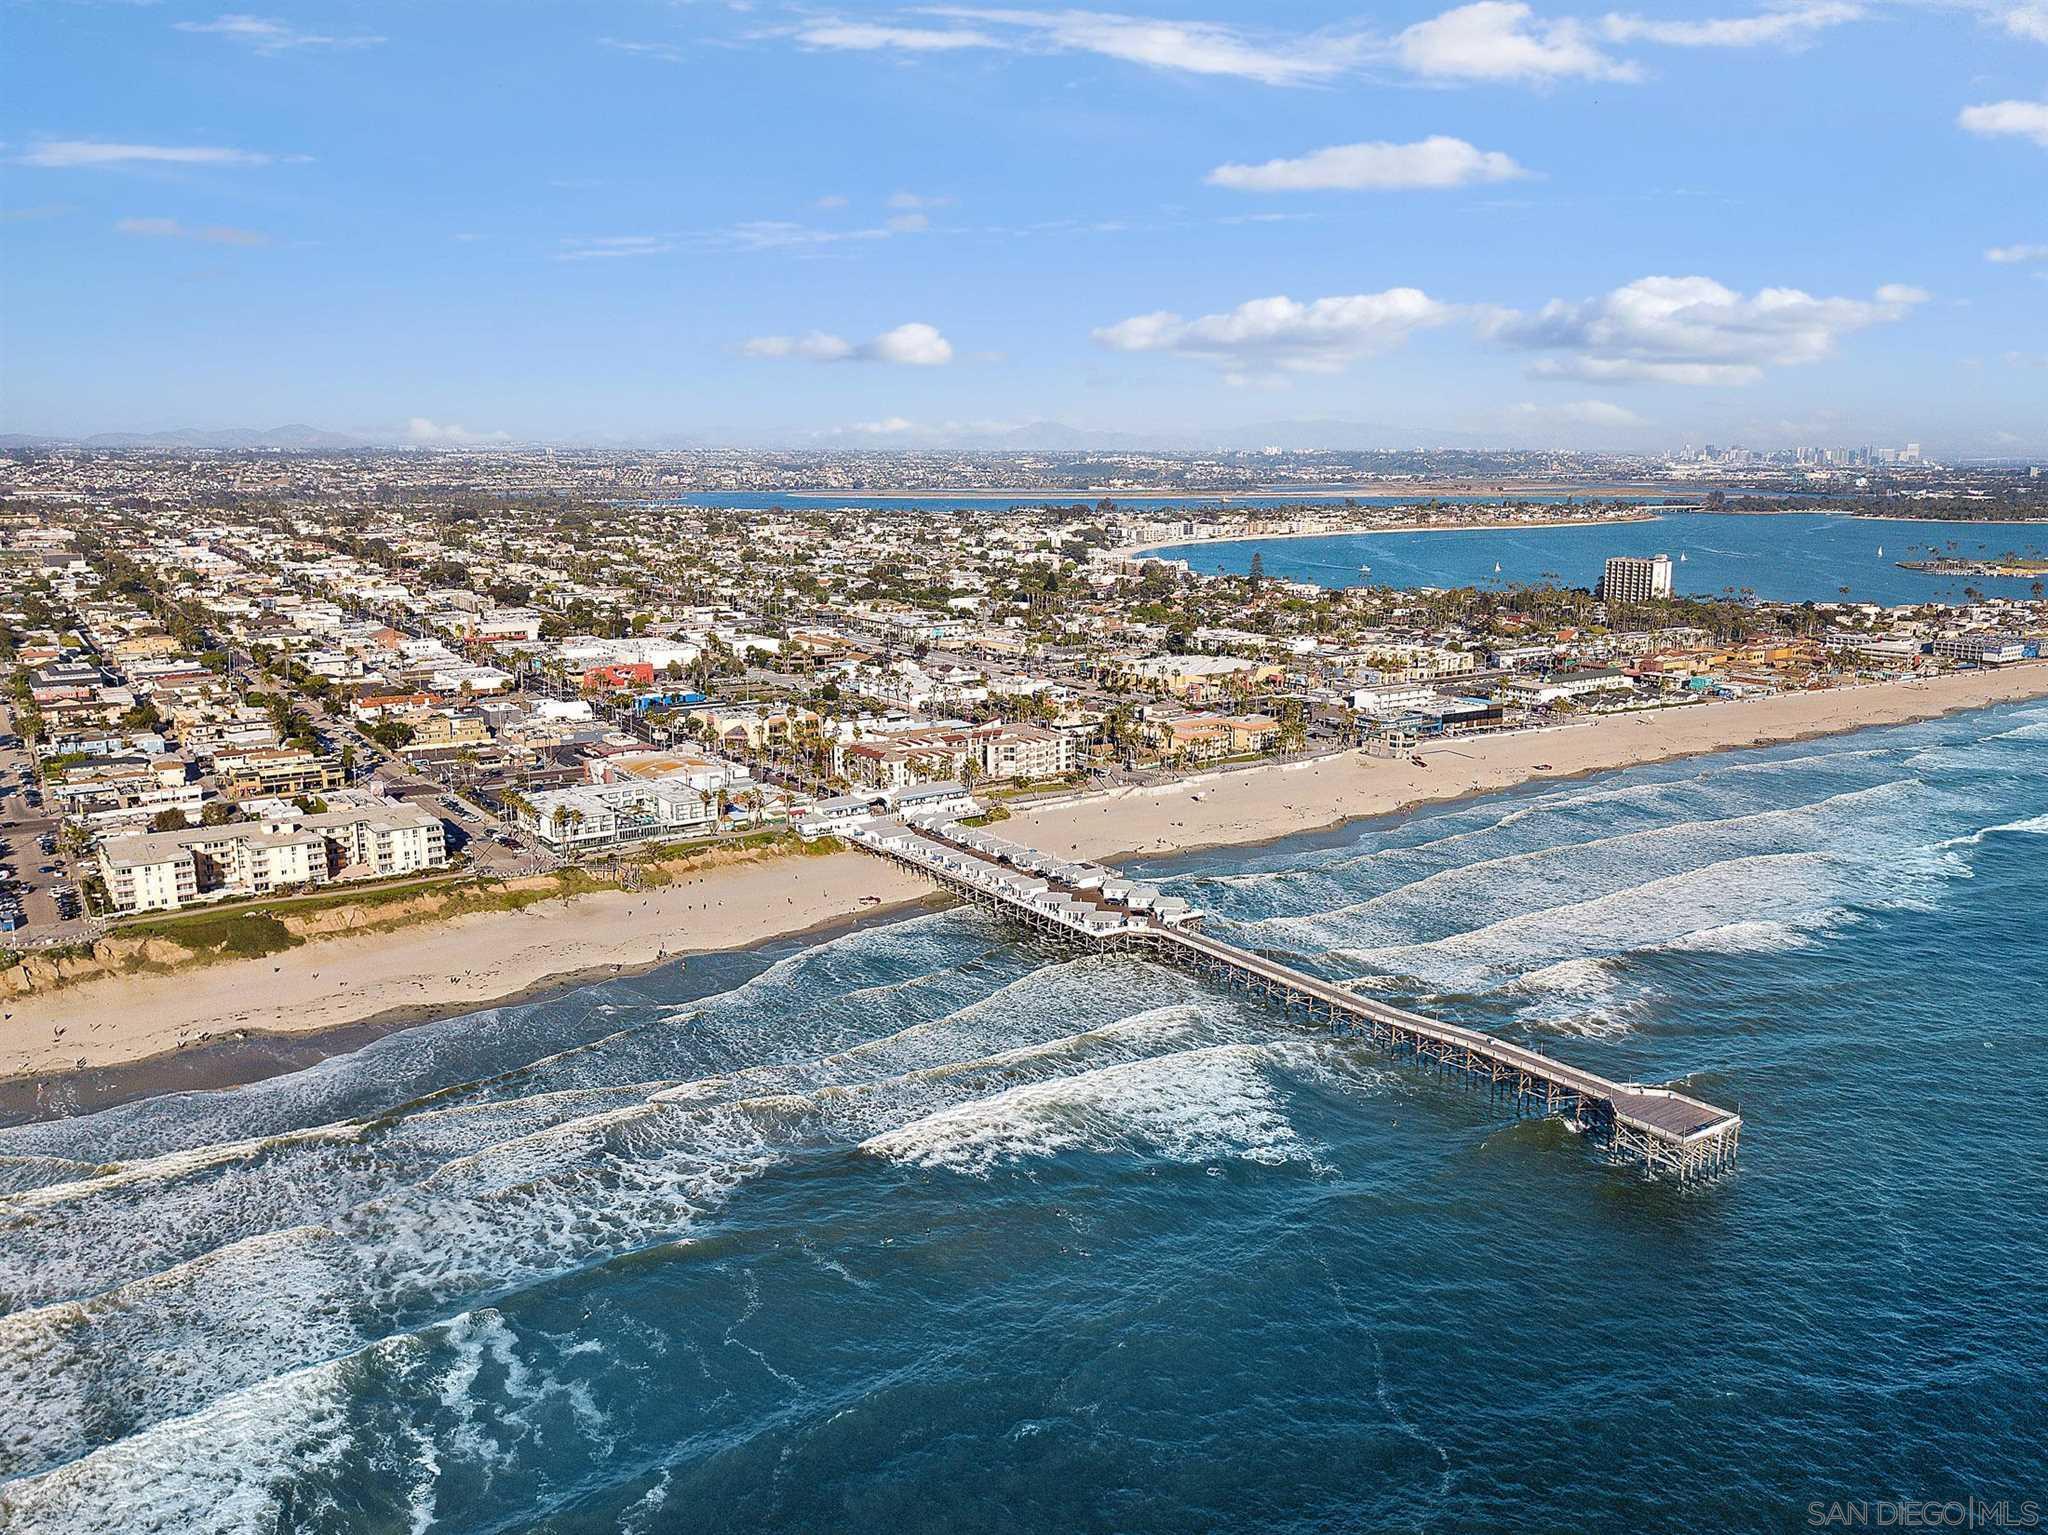 Pacific Beach, CA 92109